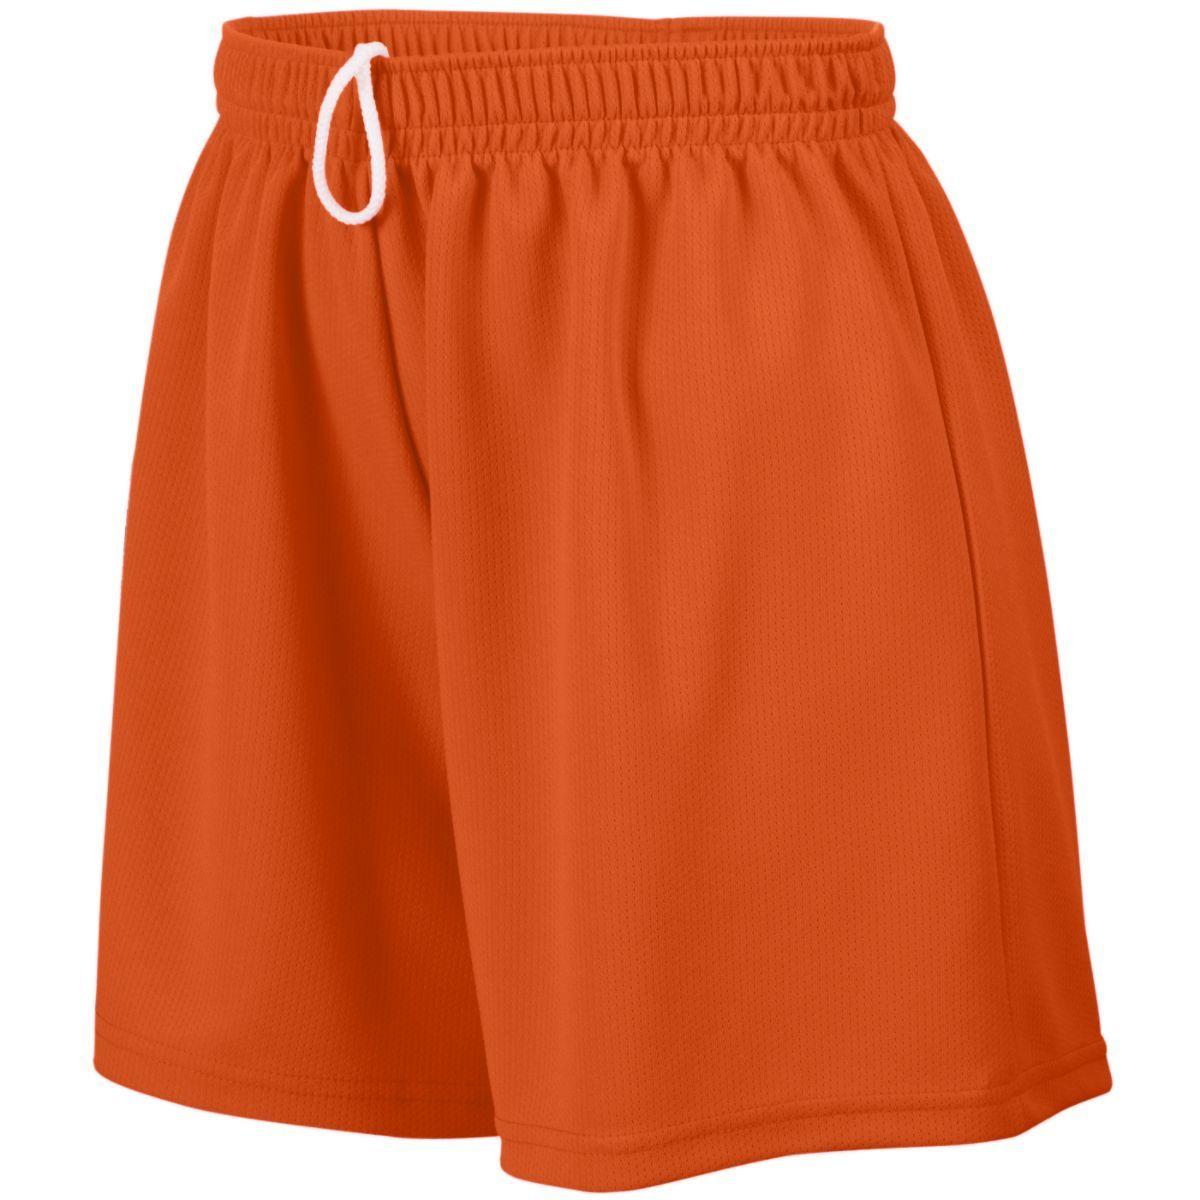 Ladies Wicking Mesh Shorts - ORANGE